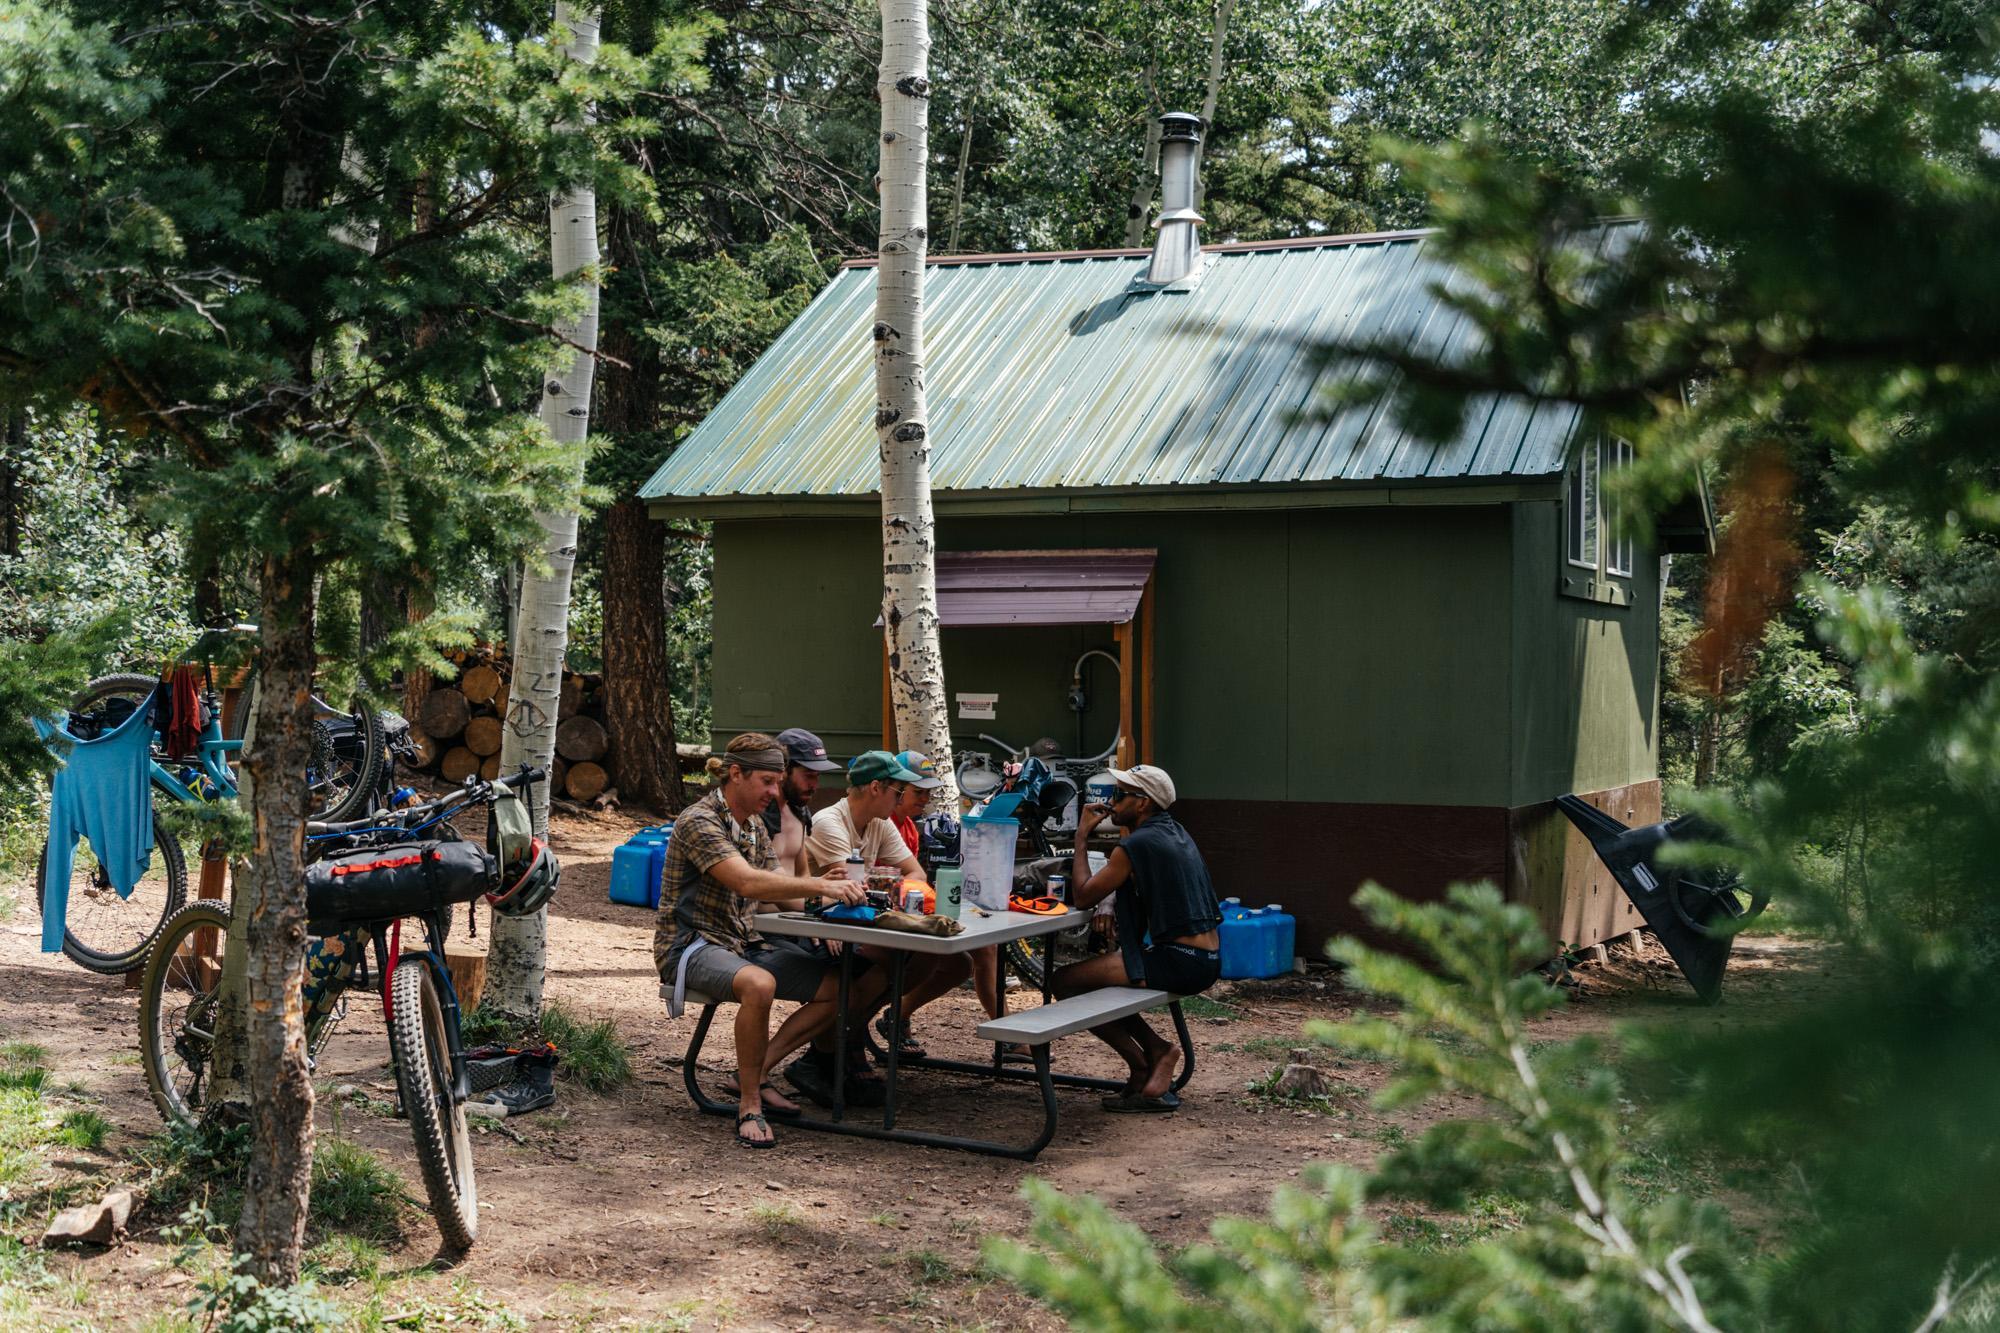 Day 2 hut